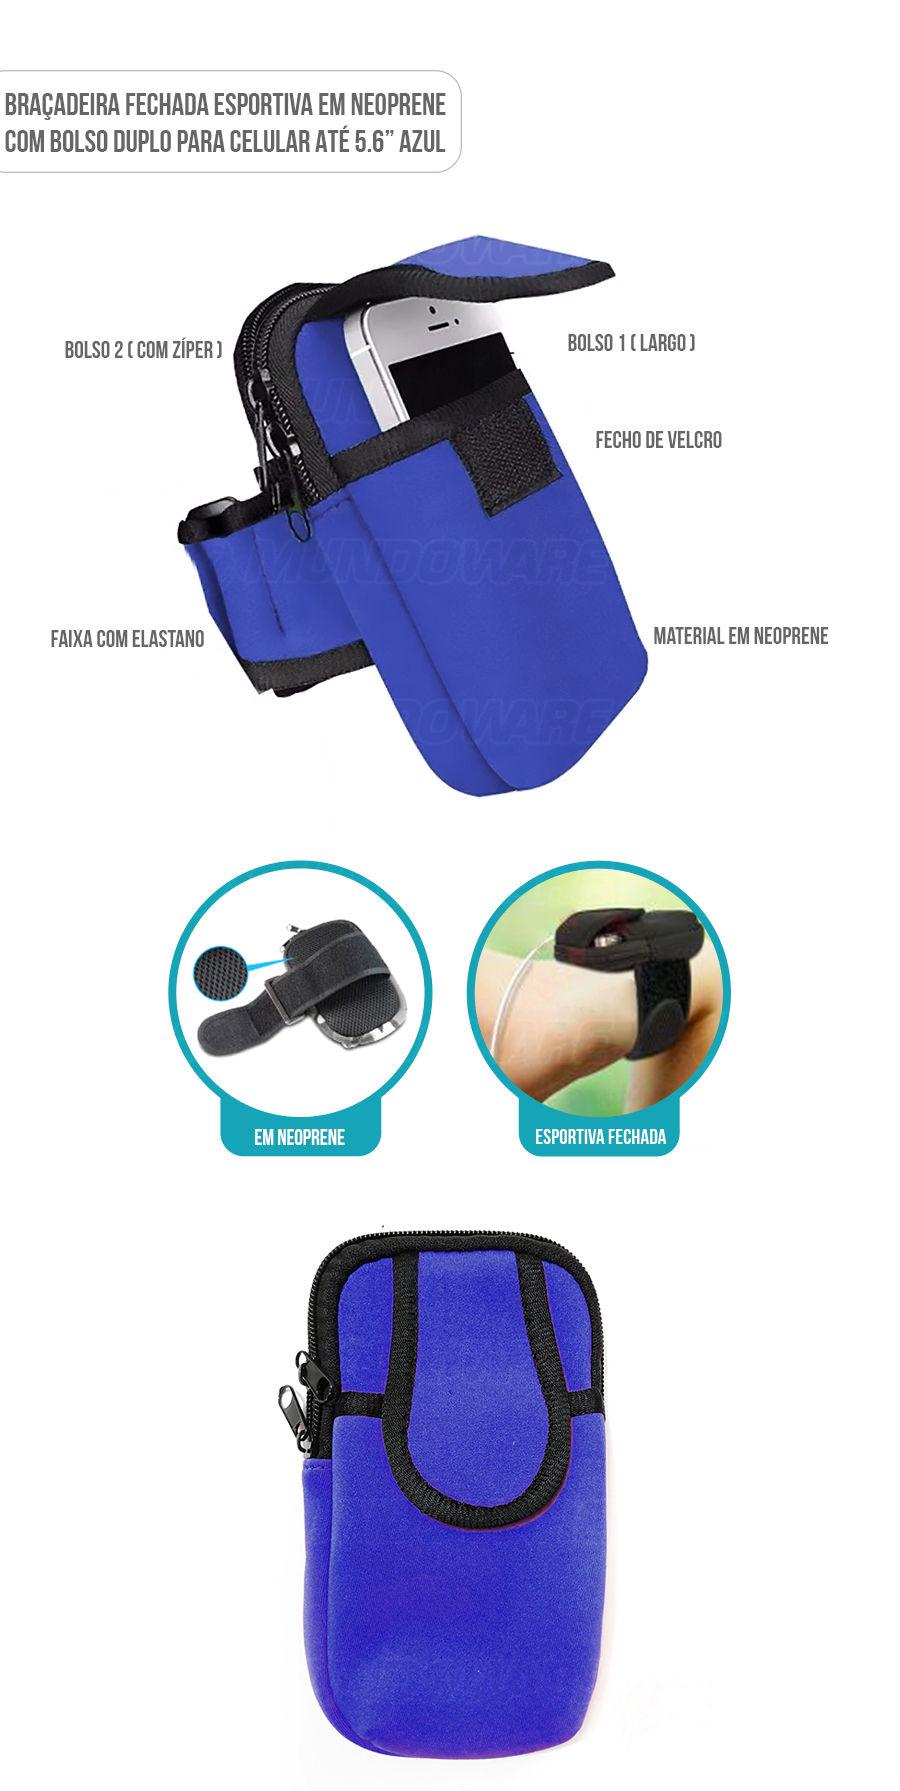 Braçadeira Porta Celular para corrida em neoprene com bolso duplo Azul